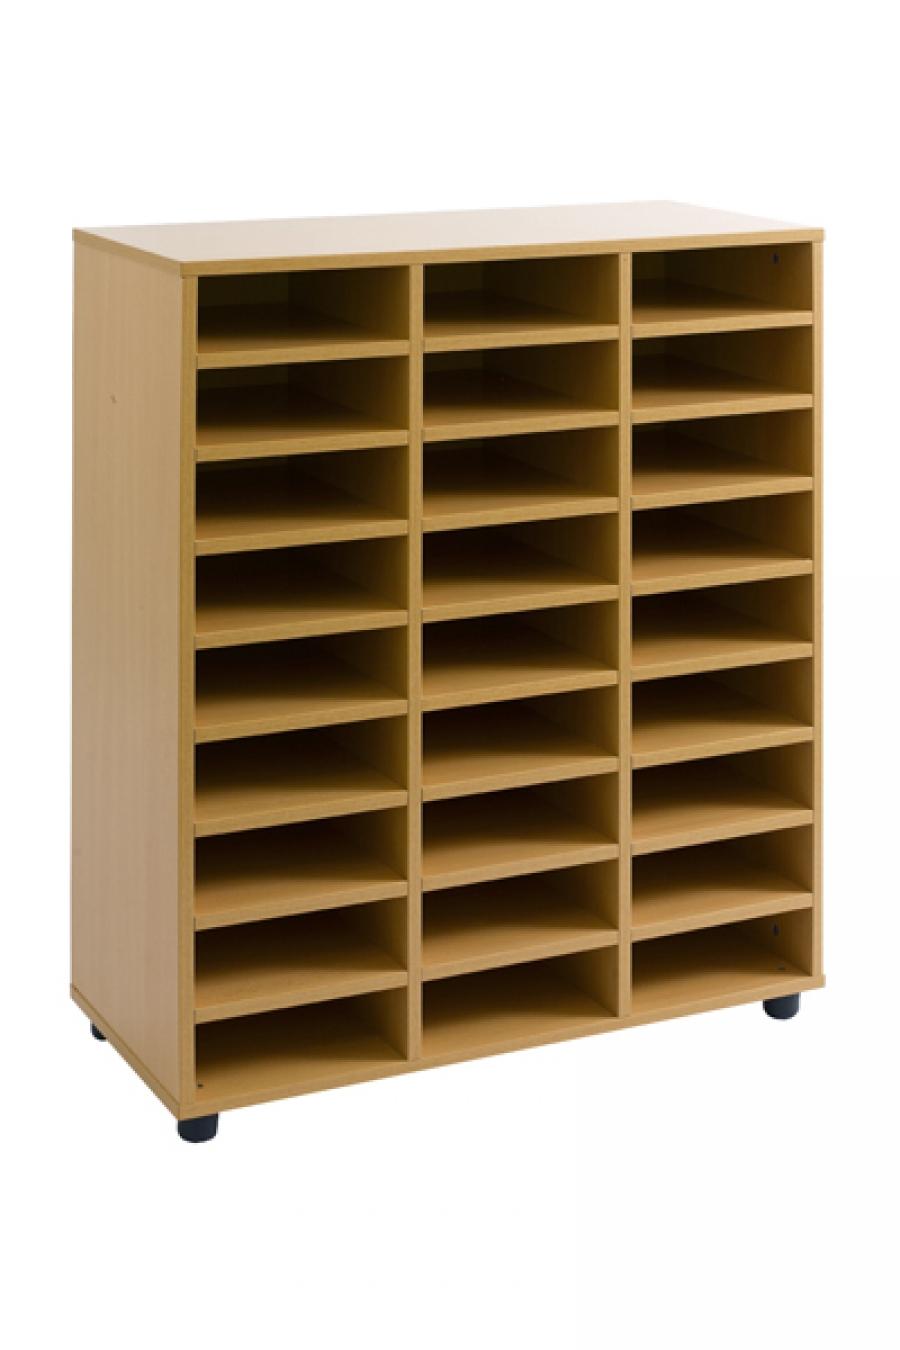 Muebles casilleros - Mueble casillero ikea ...